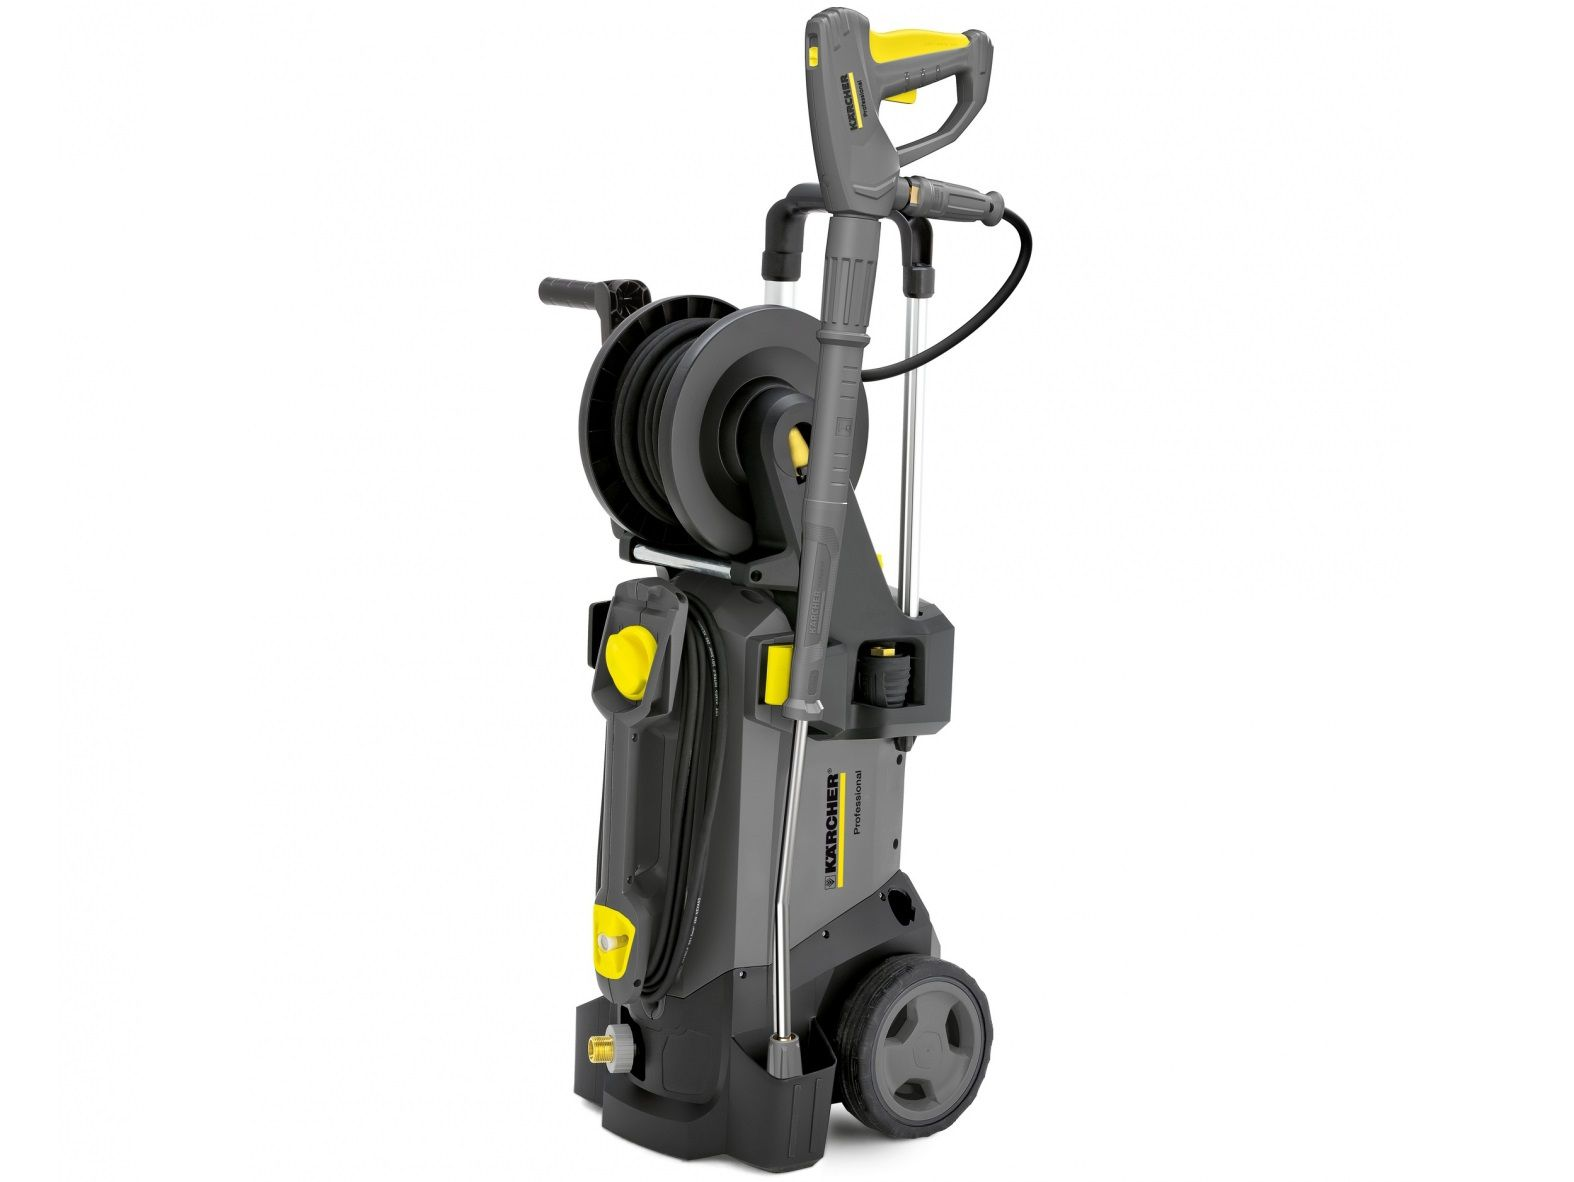 Kärcher HD 5/15 CX Plus *EU Professional nový vysokotlaký čistič s navijákem, 2800W, 200bar, 500l/h, 27.5kg (1.520-932.0)